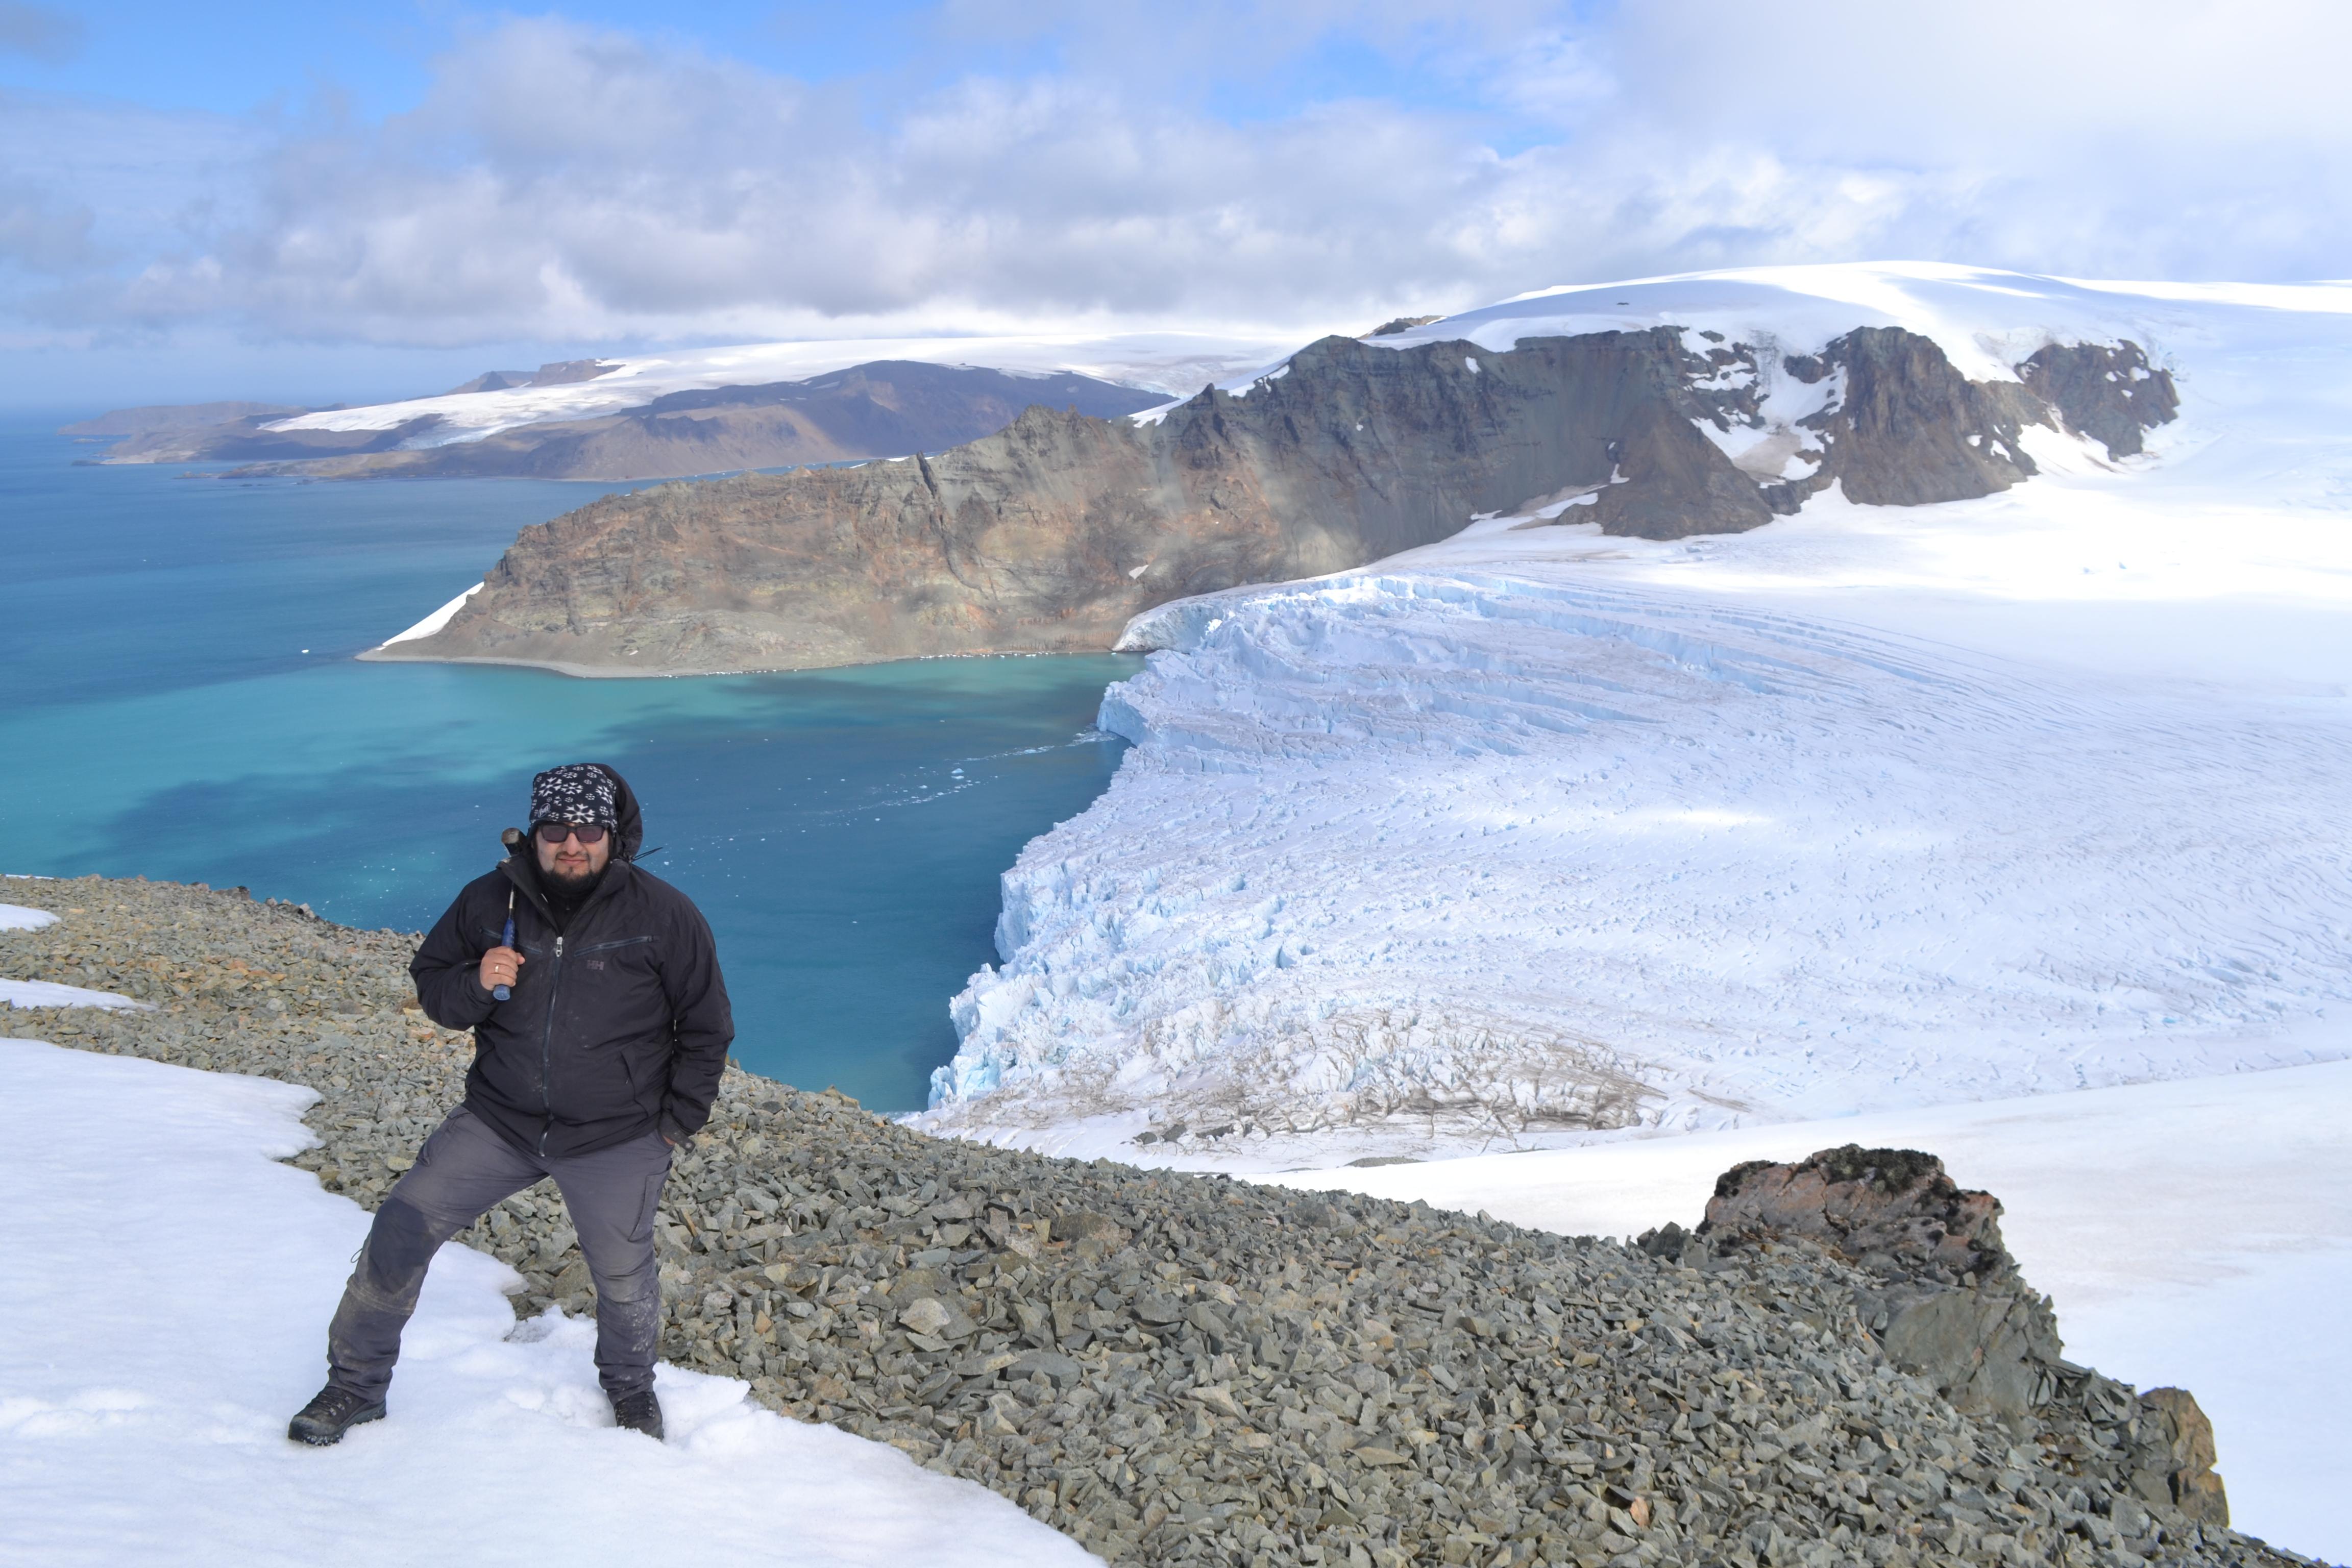 Vista del Glaciar Lange que llega hasta las aguas del mar de la Antártida, en Bahía Almirantazgo.